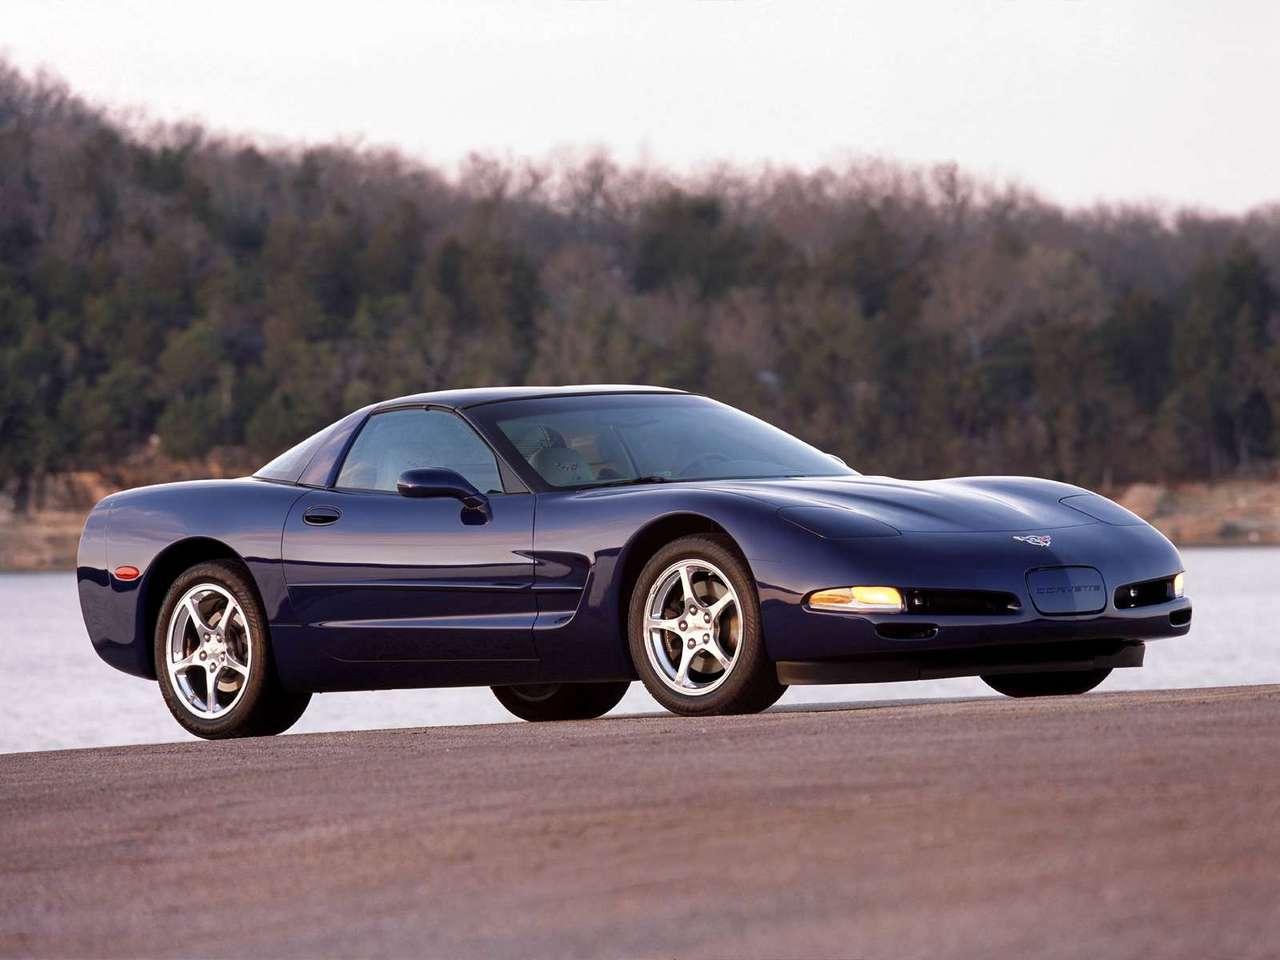 http://2.bp.blogspot.com/-zFcKq41fJFs/TYZxtRdElSI/AAAAAAAAN58/e7usPP5RNSM/s1600/Chevrolet-Corvette_2003_1280x960_wallpaper_01.jpg